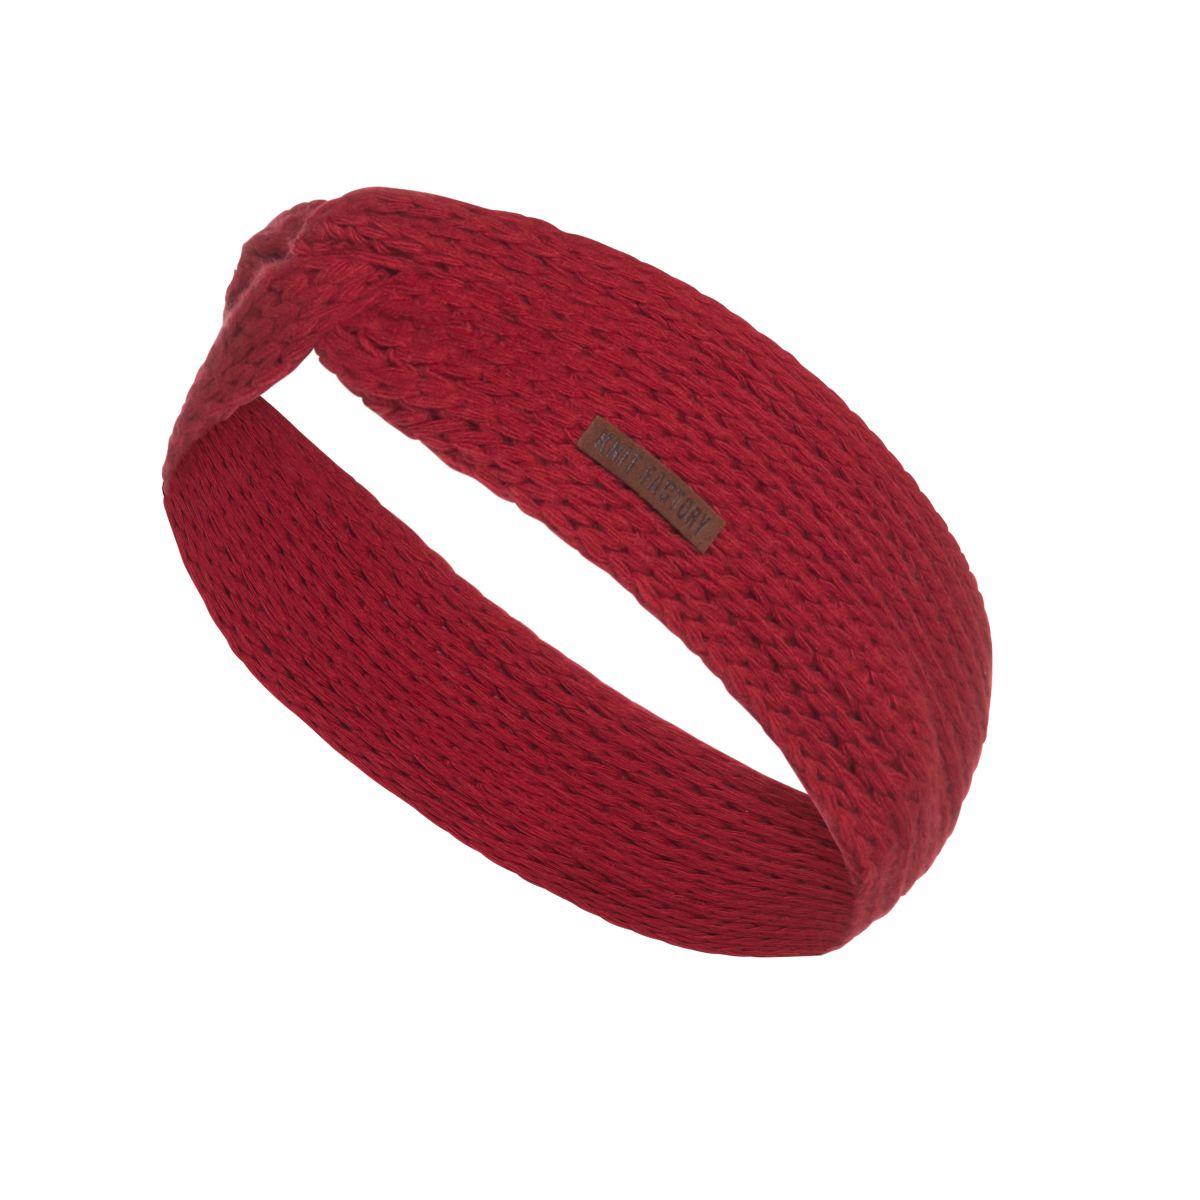 joy headband bordeaux